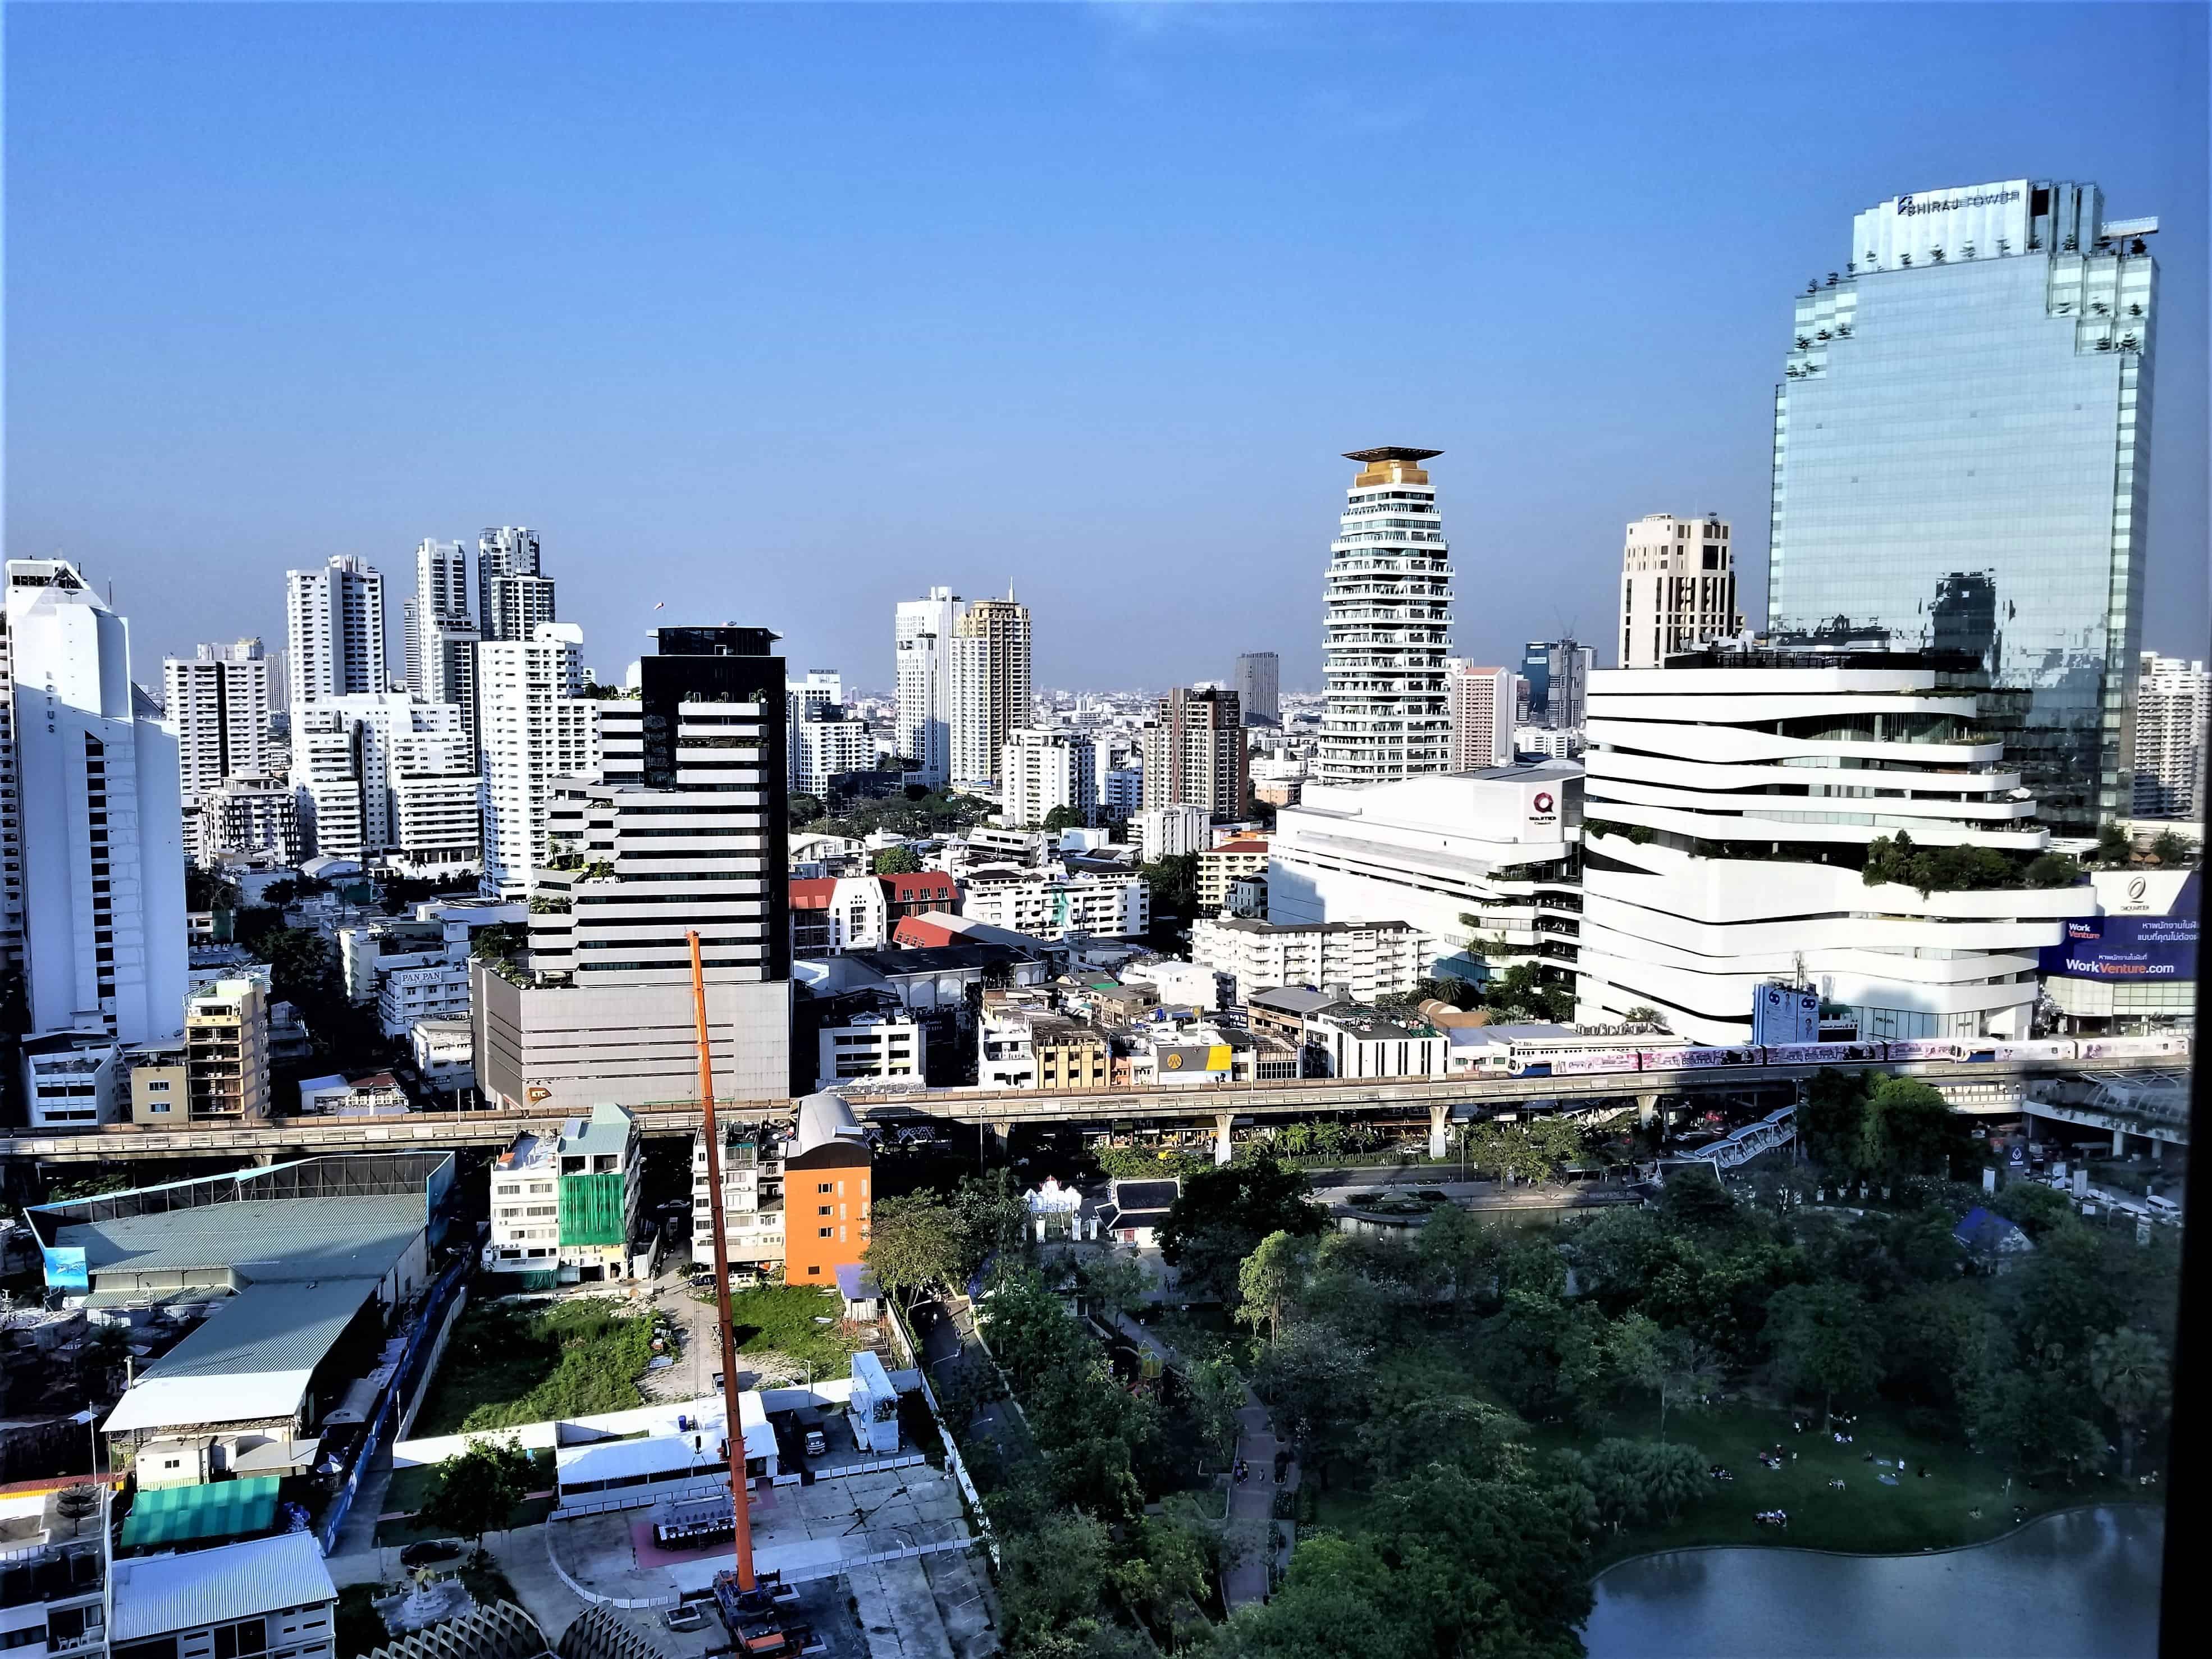 image-of-bangkok-marriott-marquis-queens-park-deluxe-hotel-room-view